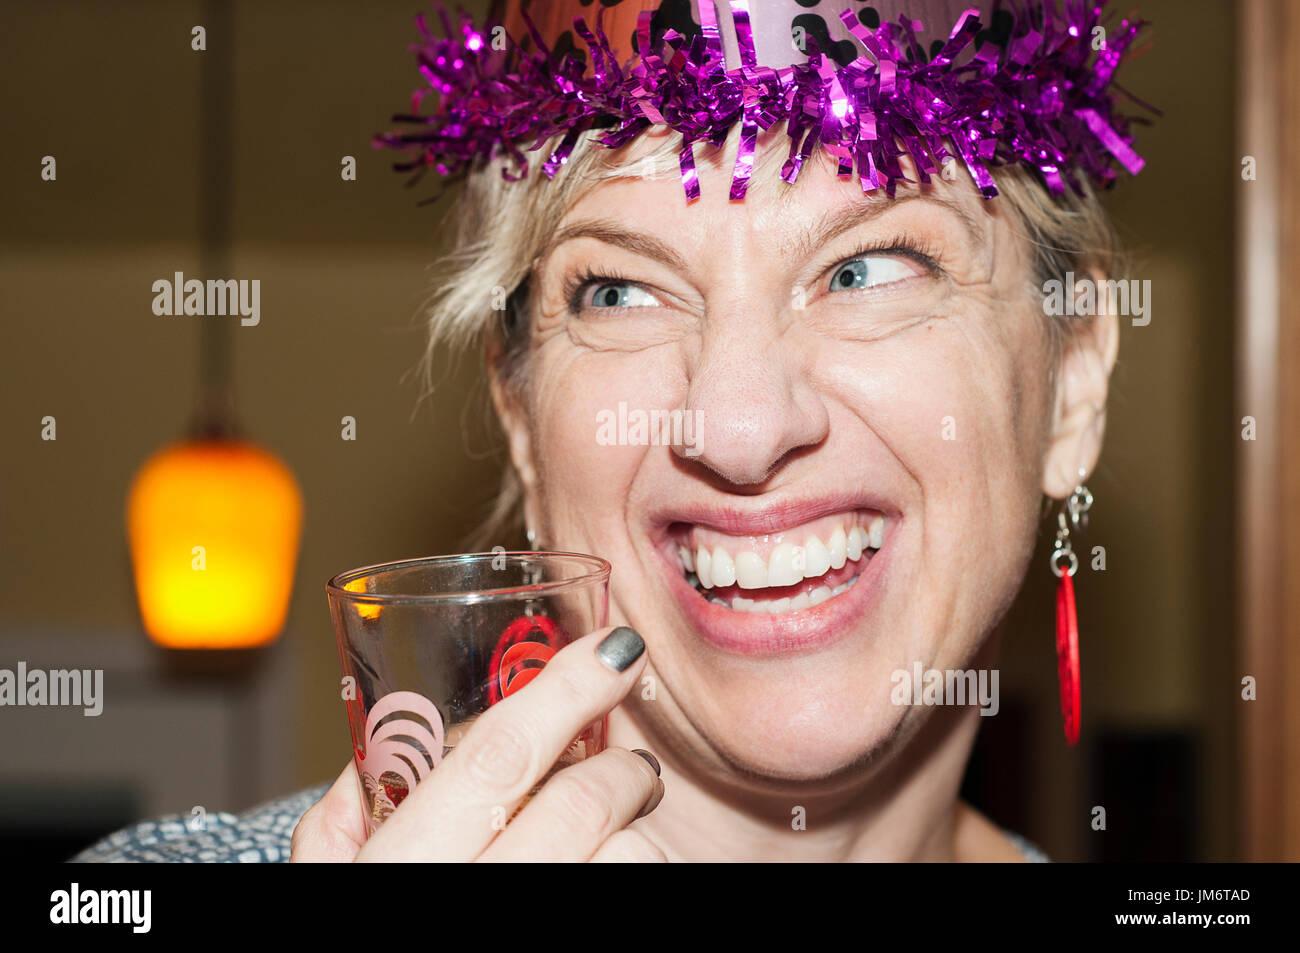 Une femme portant un chapeau de fête lors d'une célébration d'anniversaire. Photo Stock